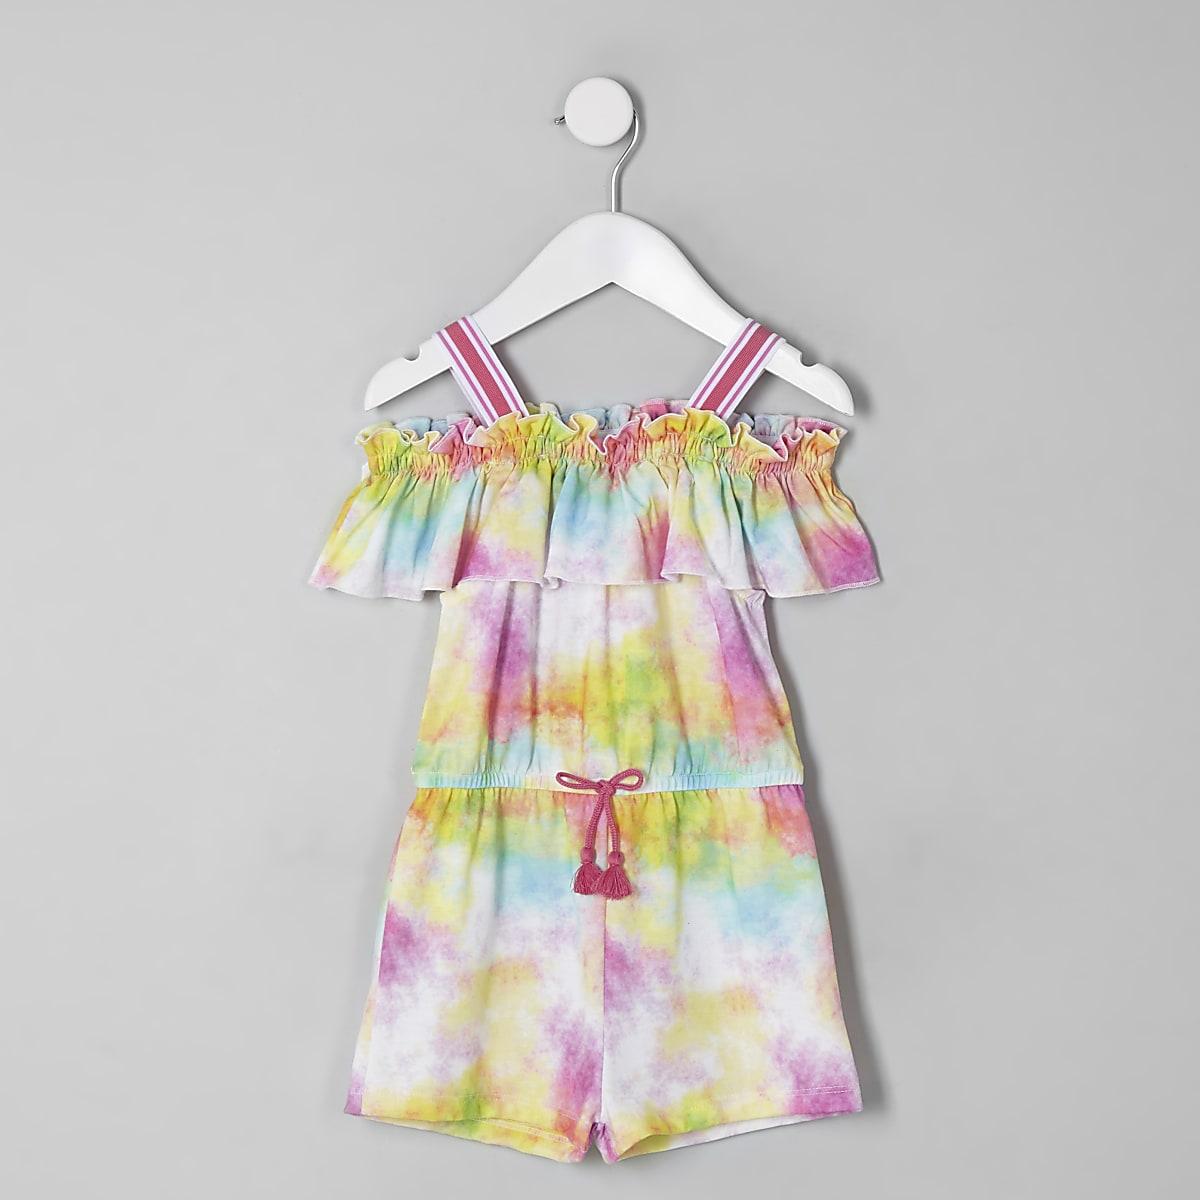 Mini - Roze playsuit met tie-dye en ruche voor meisjes